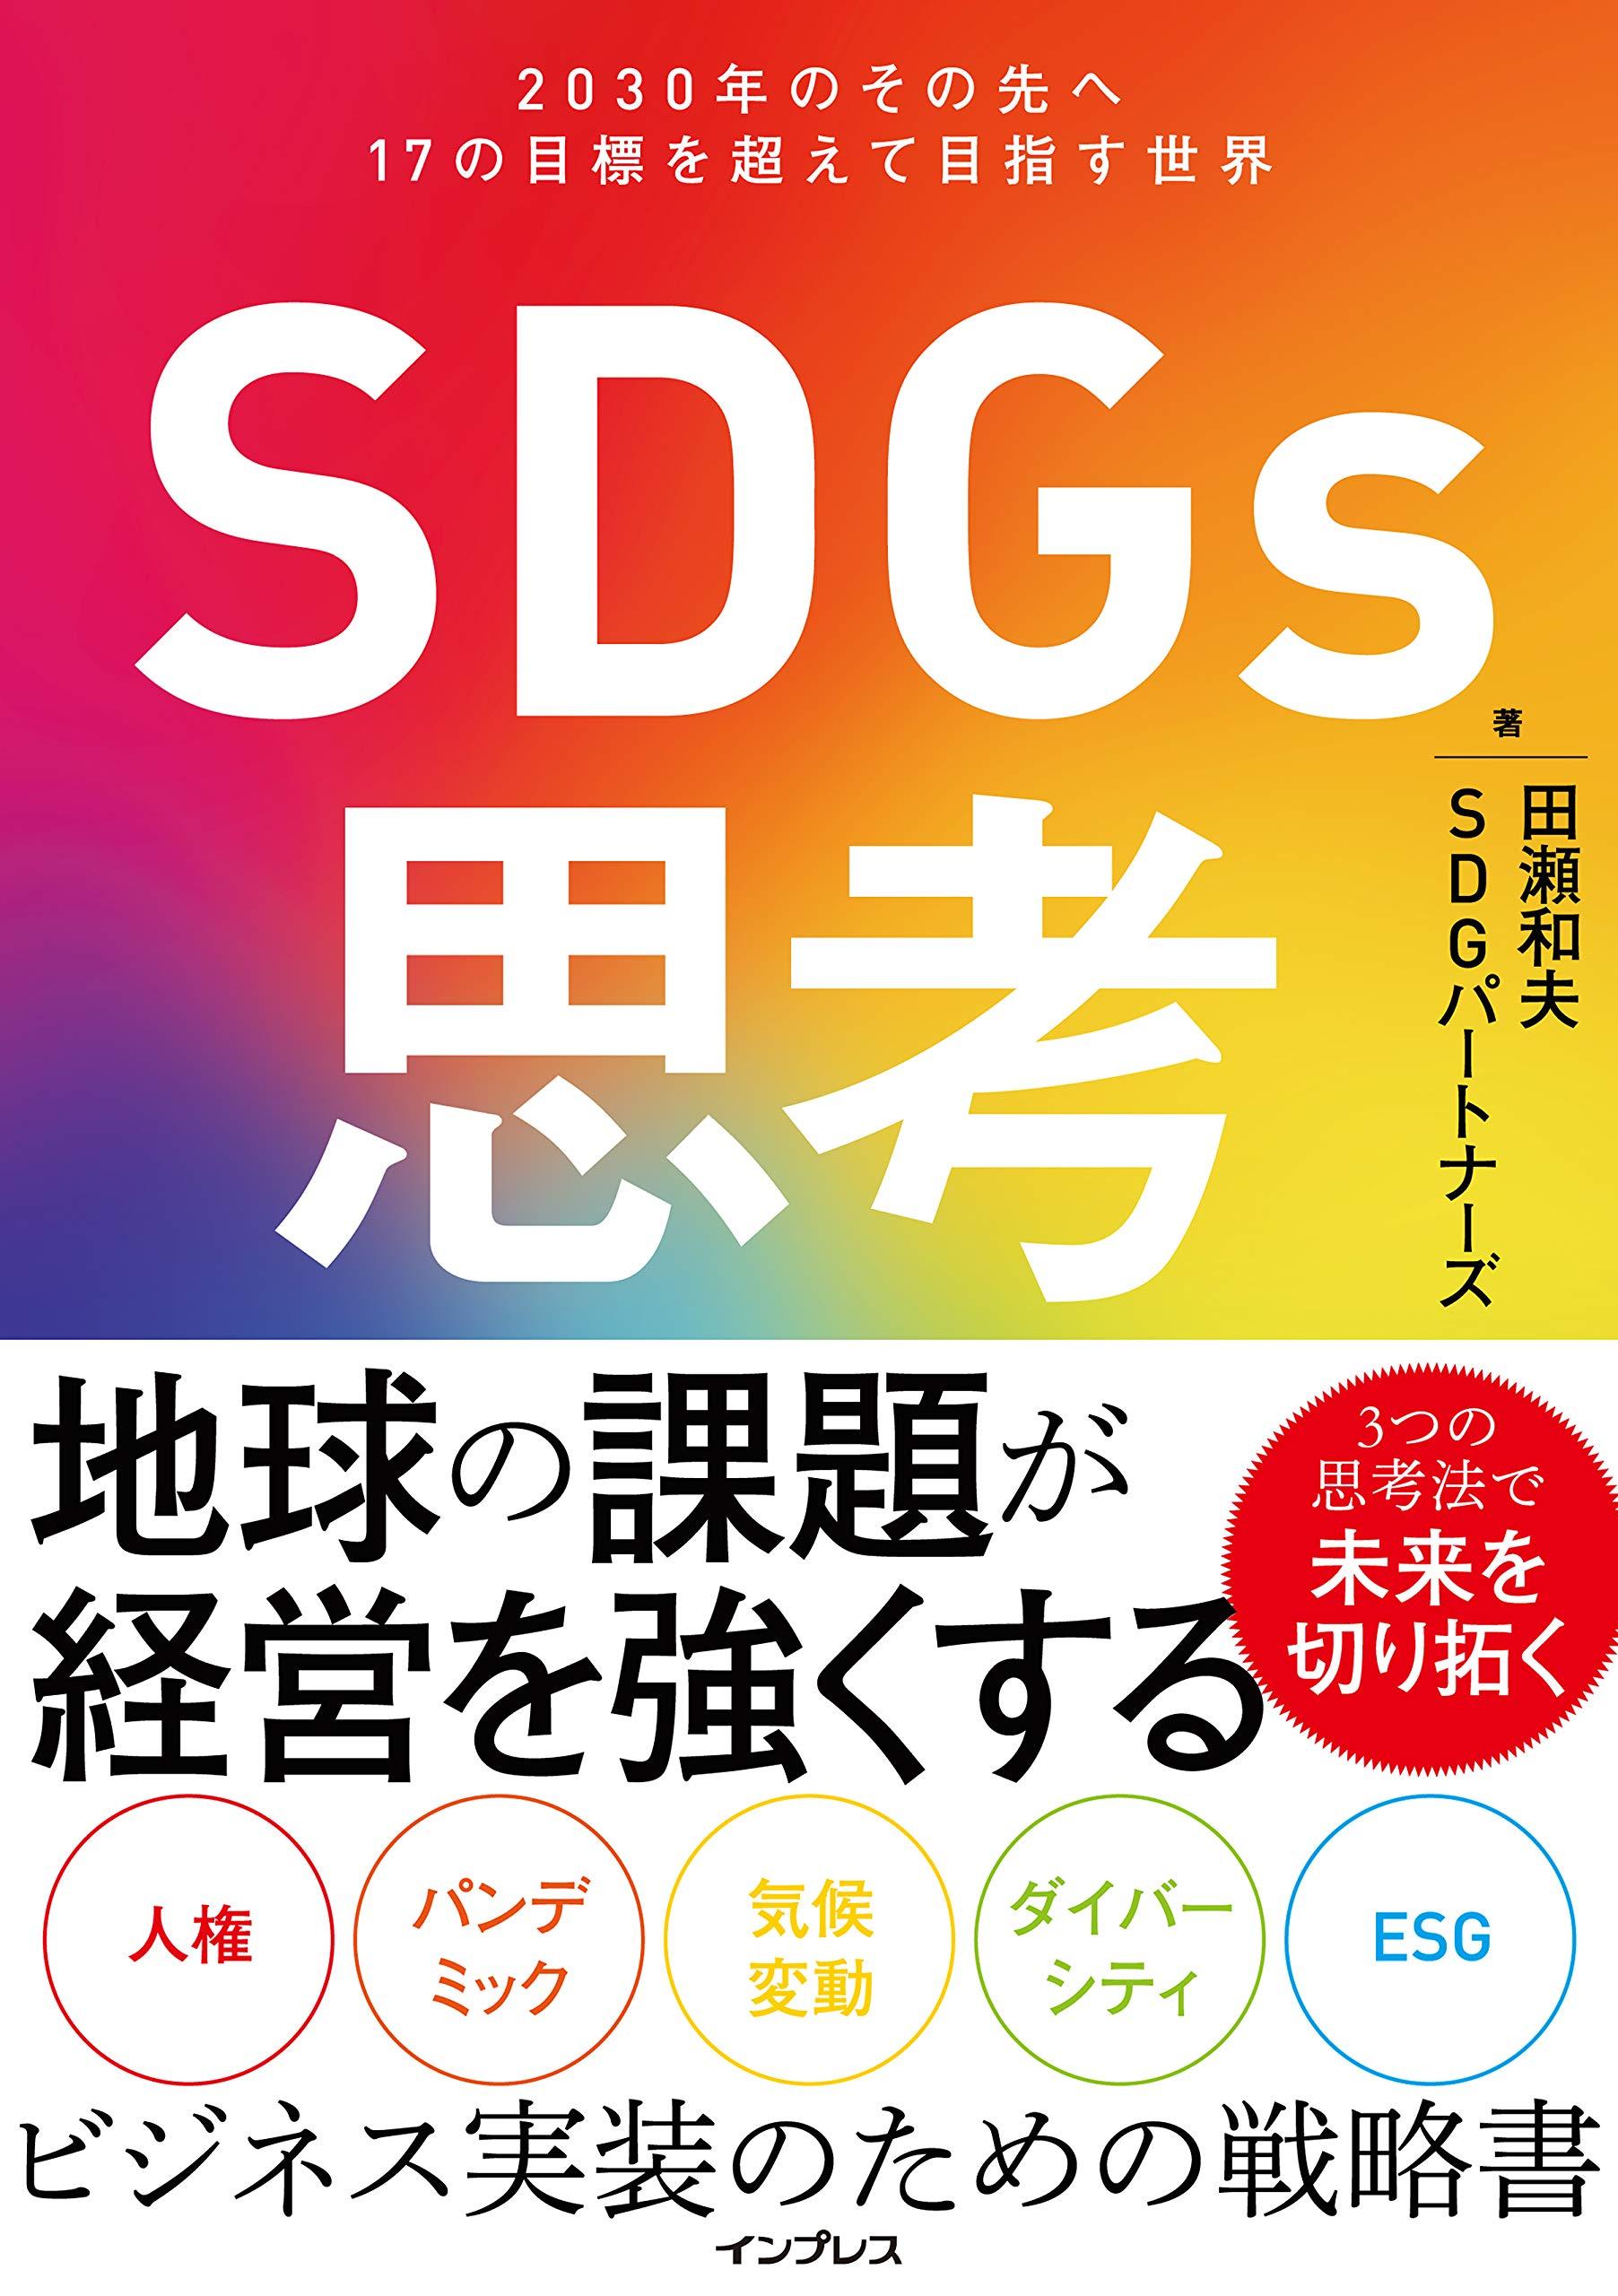 目標 の sdgs 17